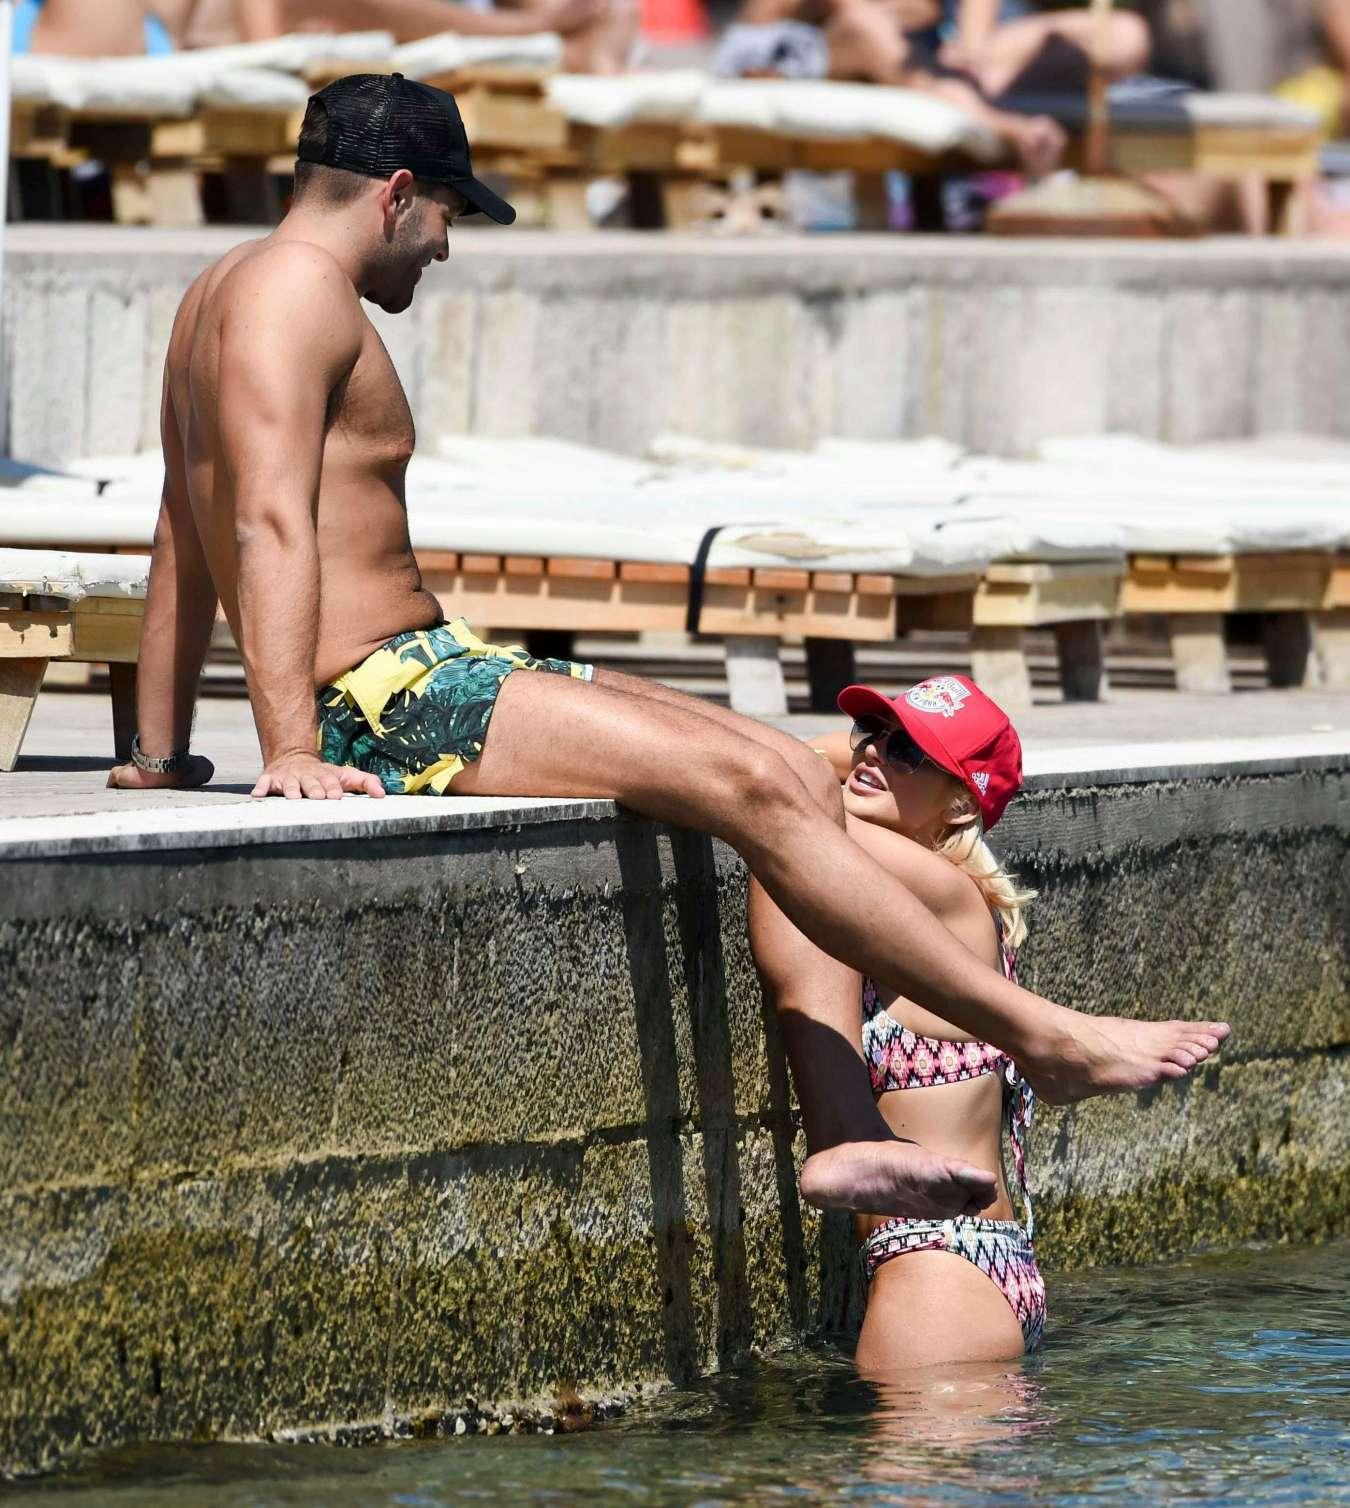 Stephanie Pratt 2017 : Stephanie Pratt: Bikini on holiday in Croatia -11